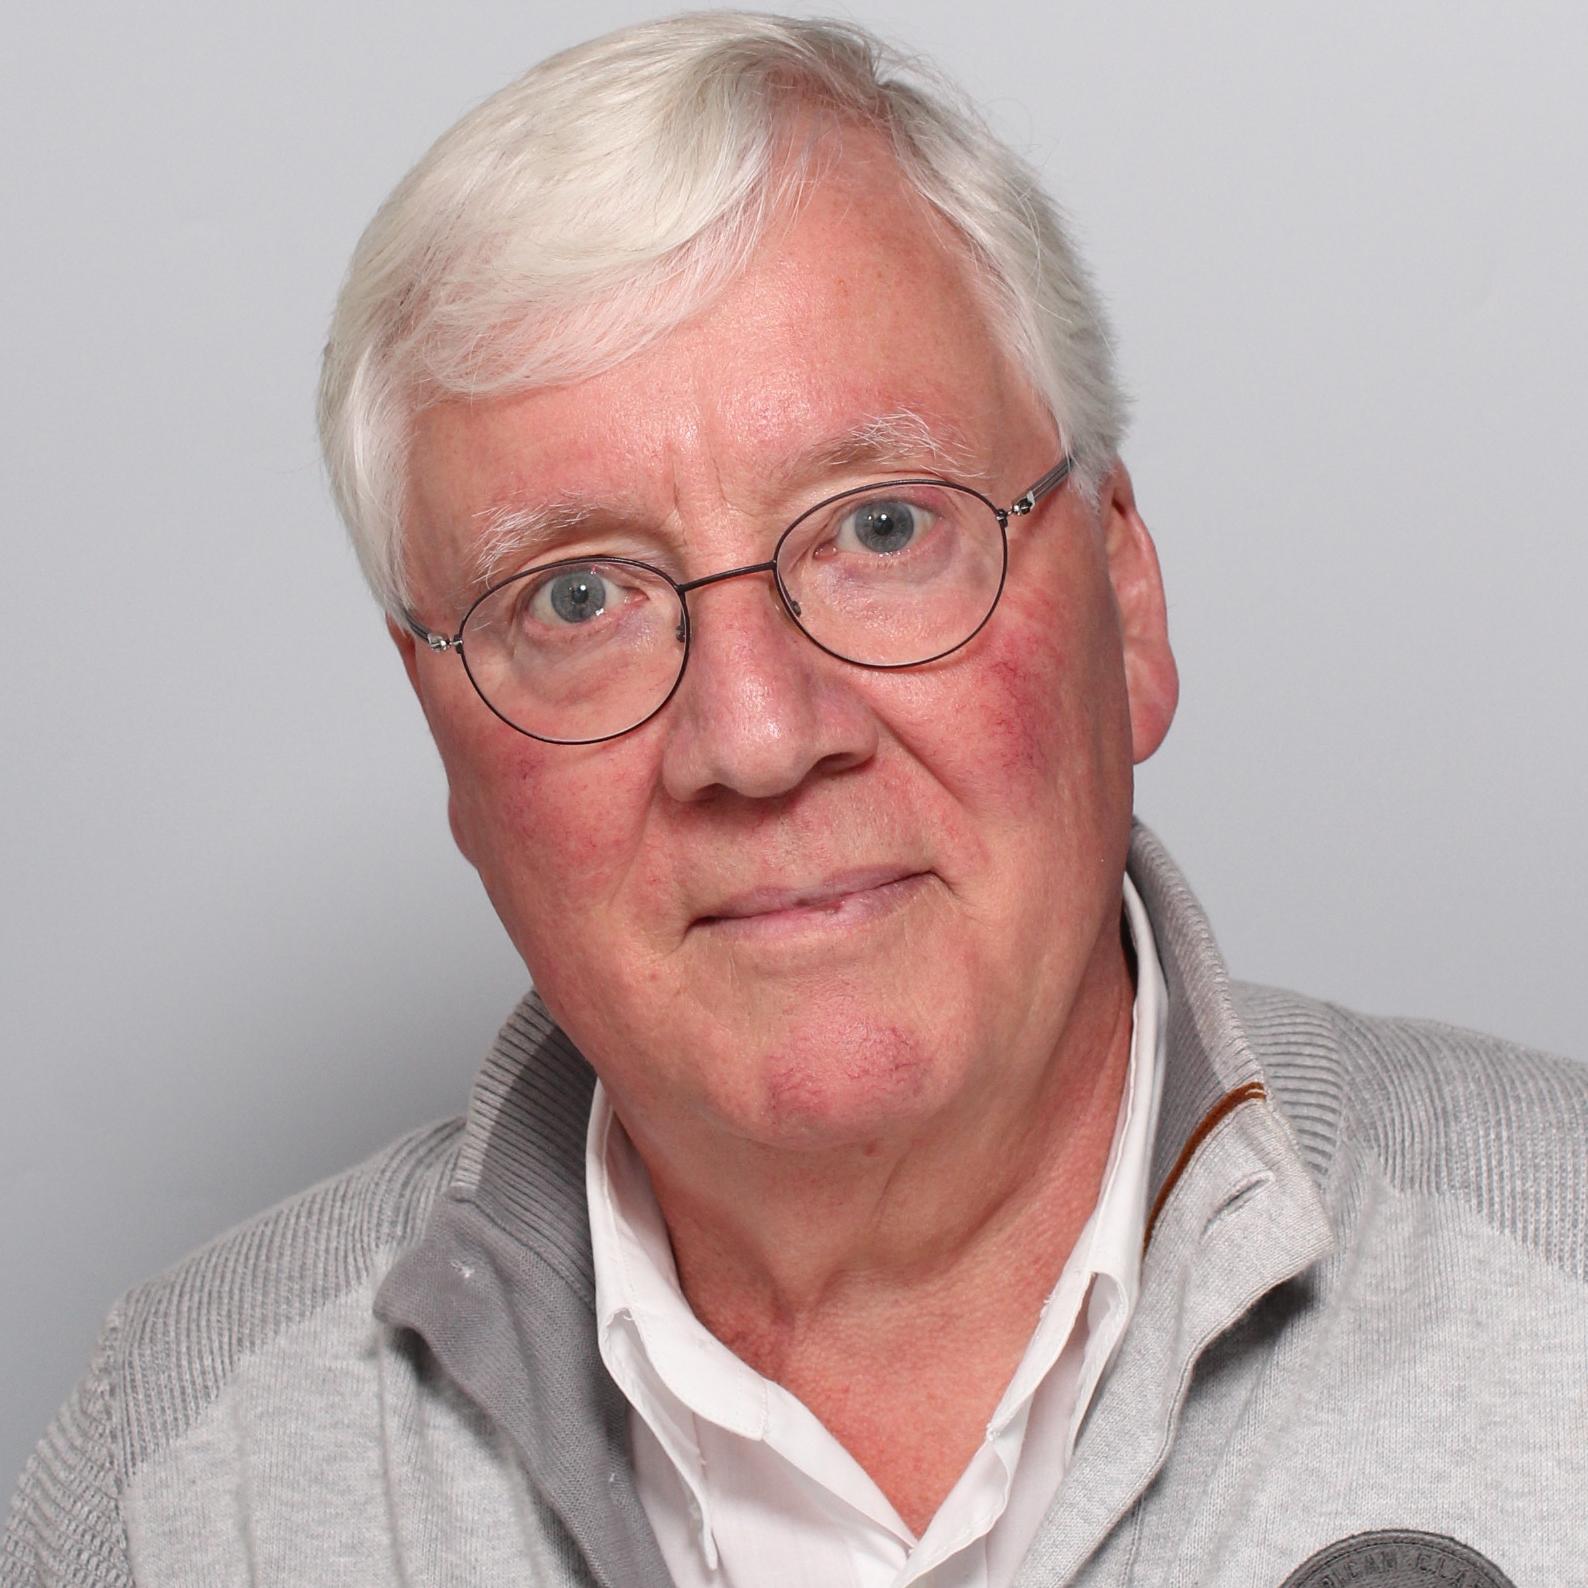 H. (Hans) van Houcke